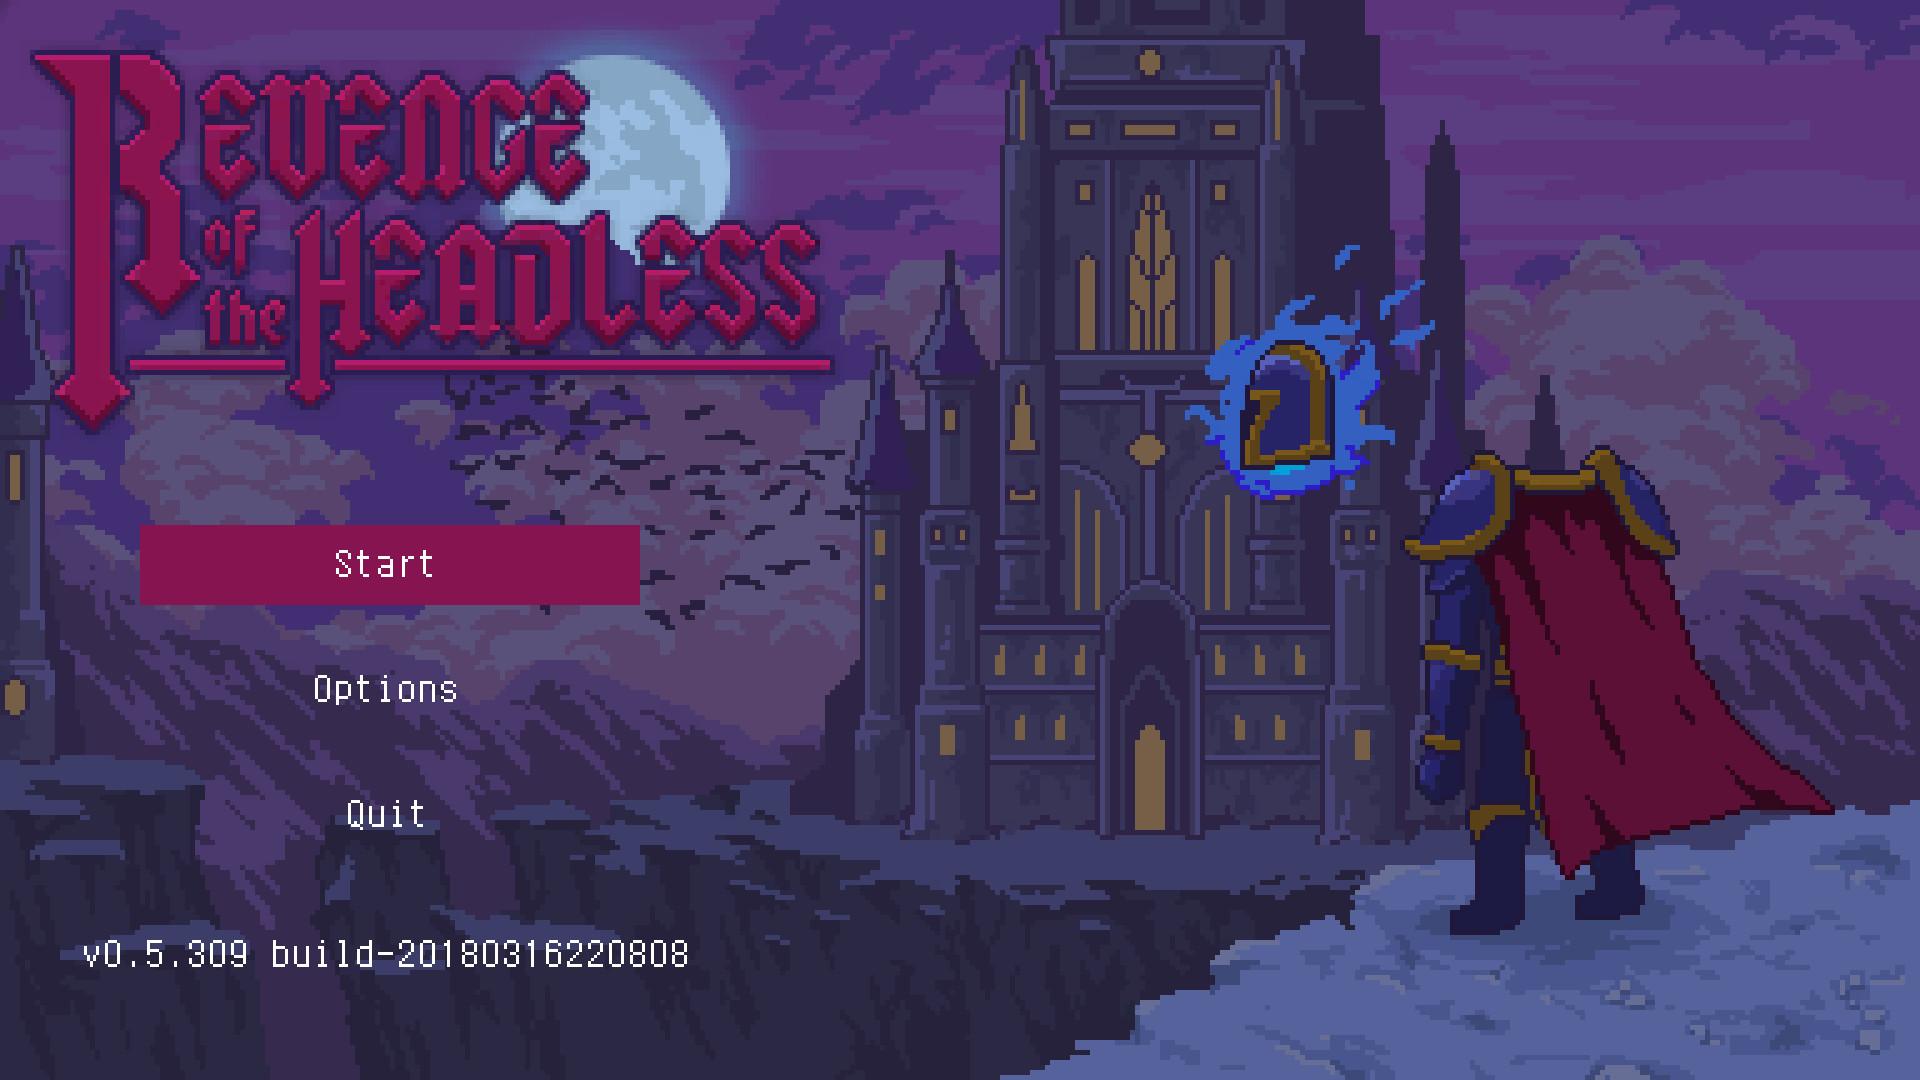 无头骑士的复仇游戏图片欣赏